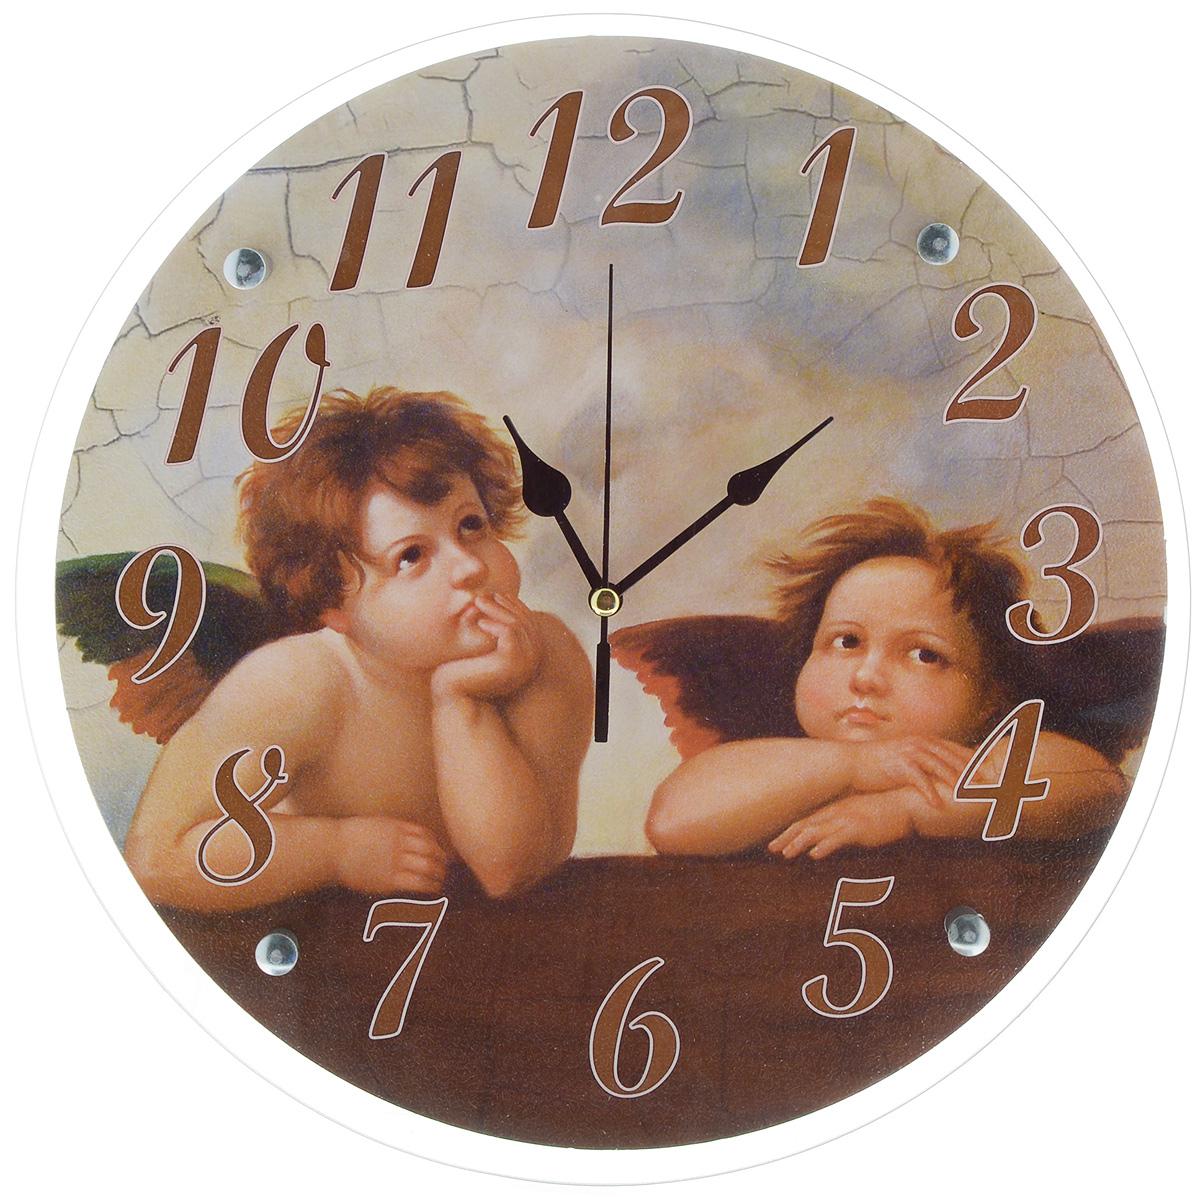 Часы настенные Proffi Home Купидоны, диаметр 33 смВ892Настенные кварцевые часы Proffi Home Купидоны, изготовленные из ДВП и стекла, прекрасно подойдут под интерьер вашего дома. Круглые часы имеют три стрелки: часовую, минутную и секундную. Часы оснащены металлической планкой для подвешивания. Диаметр часов: 33 см.Часы работают от 1 батарейки типа АА напряжением 1,5 В. Батарейка в комплект не входит.